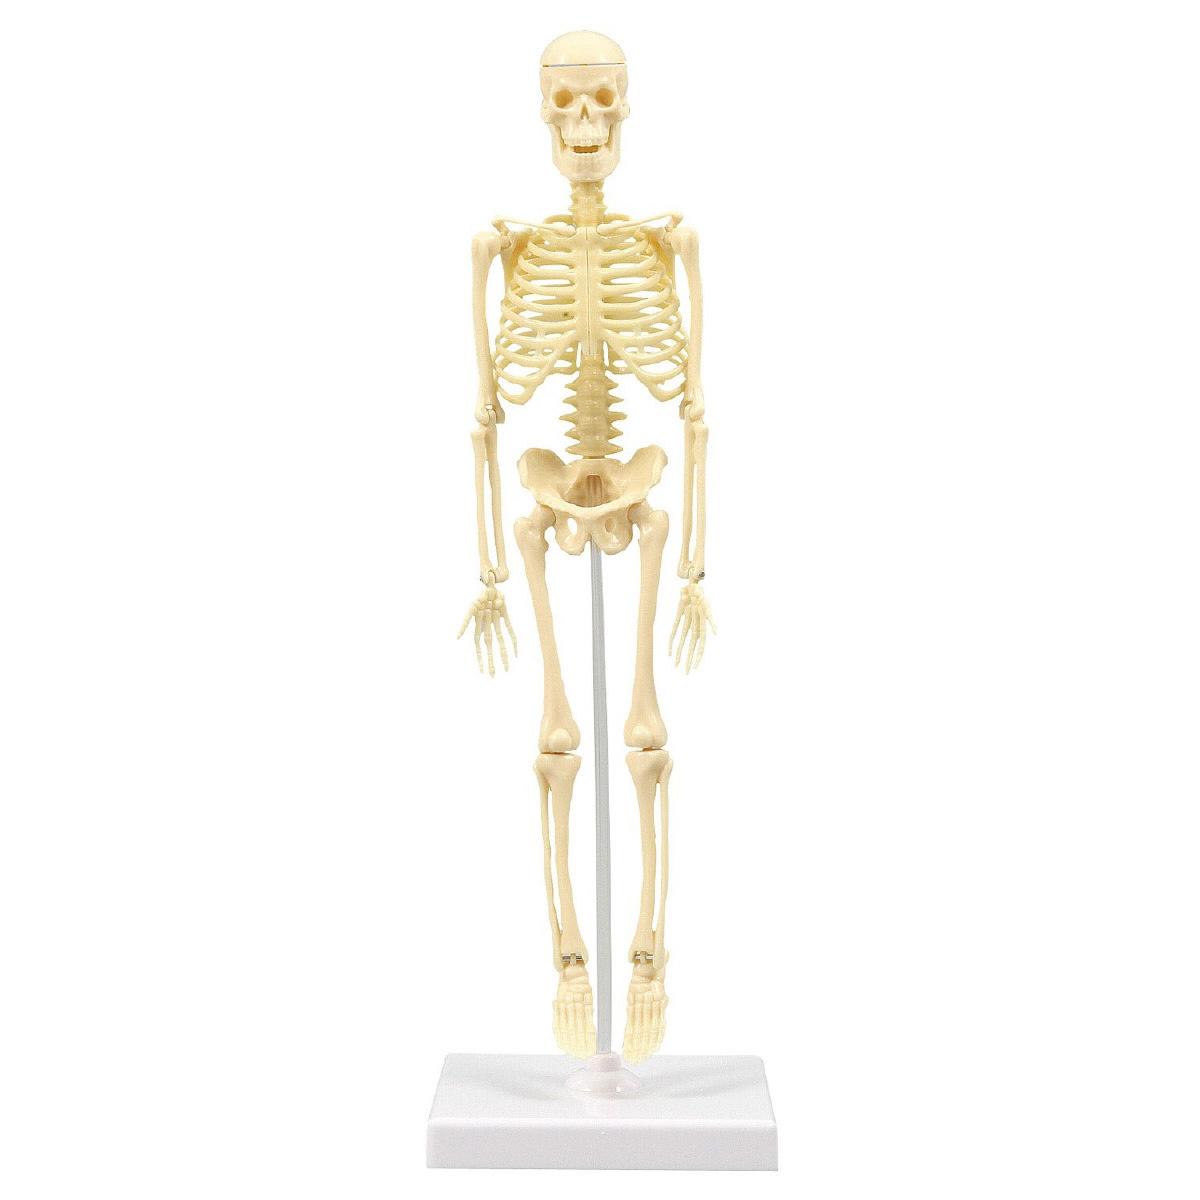 人体骨格模型 30cm 模型 からだ 理科 キッズ 小学生 学校 教材 備品 自由研究 知育玩具 クリスマスプレゼント